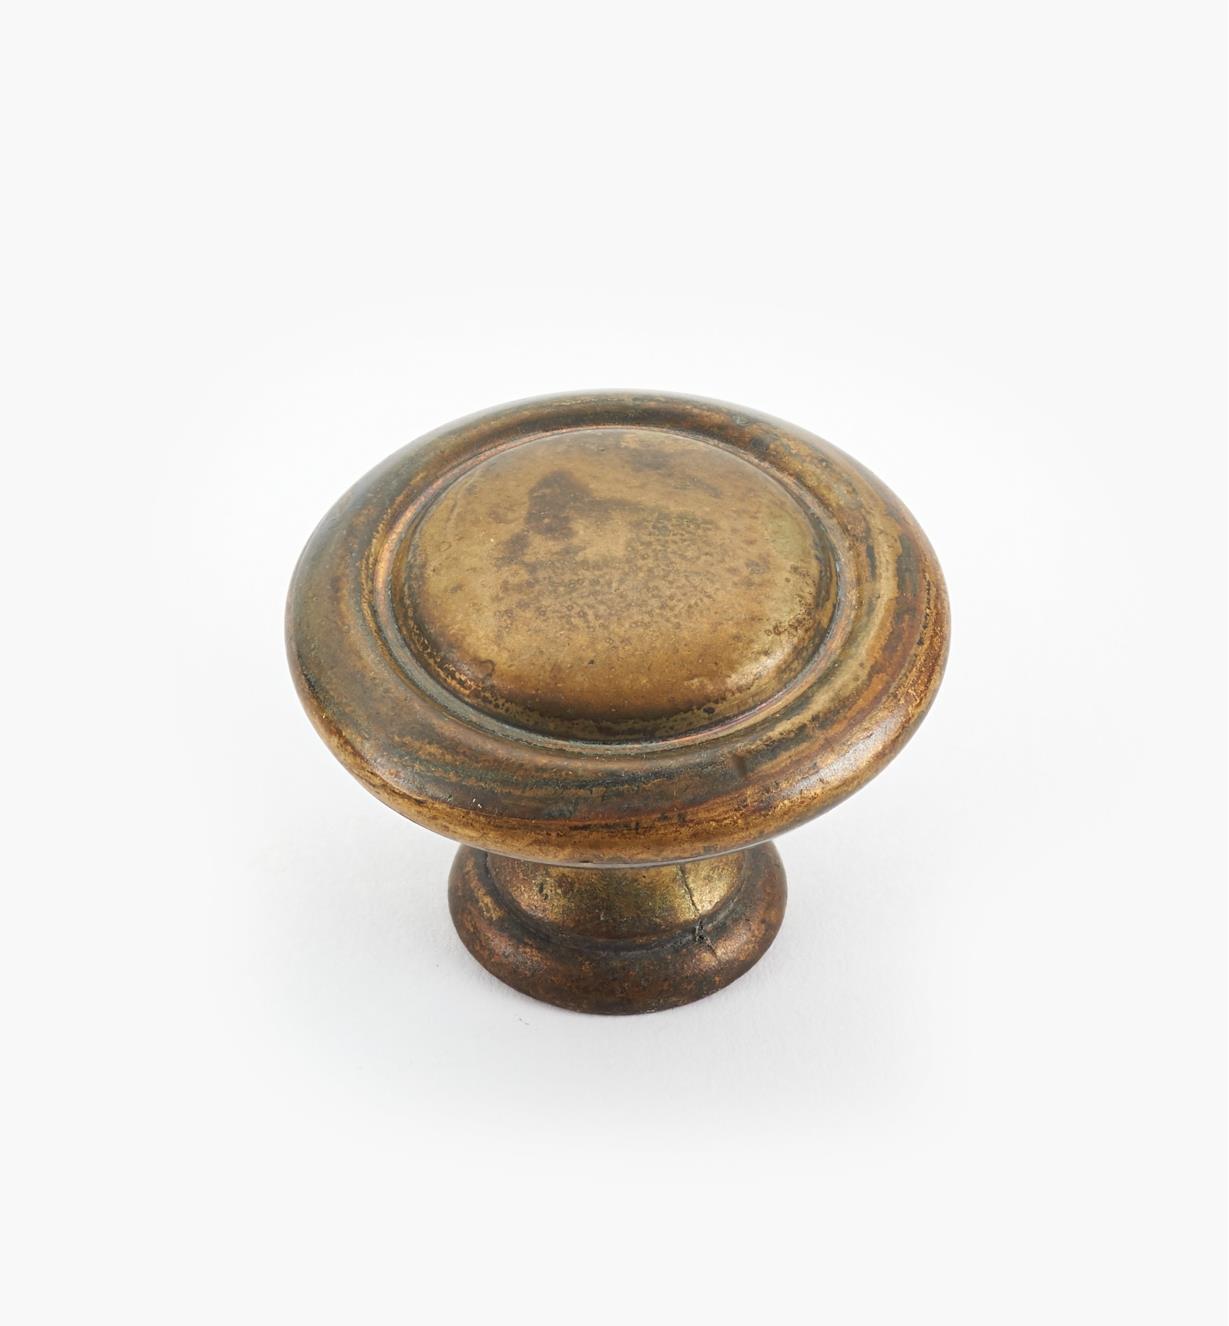 01A5530 - 30mm x 24mm Ring Knob